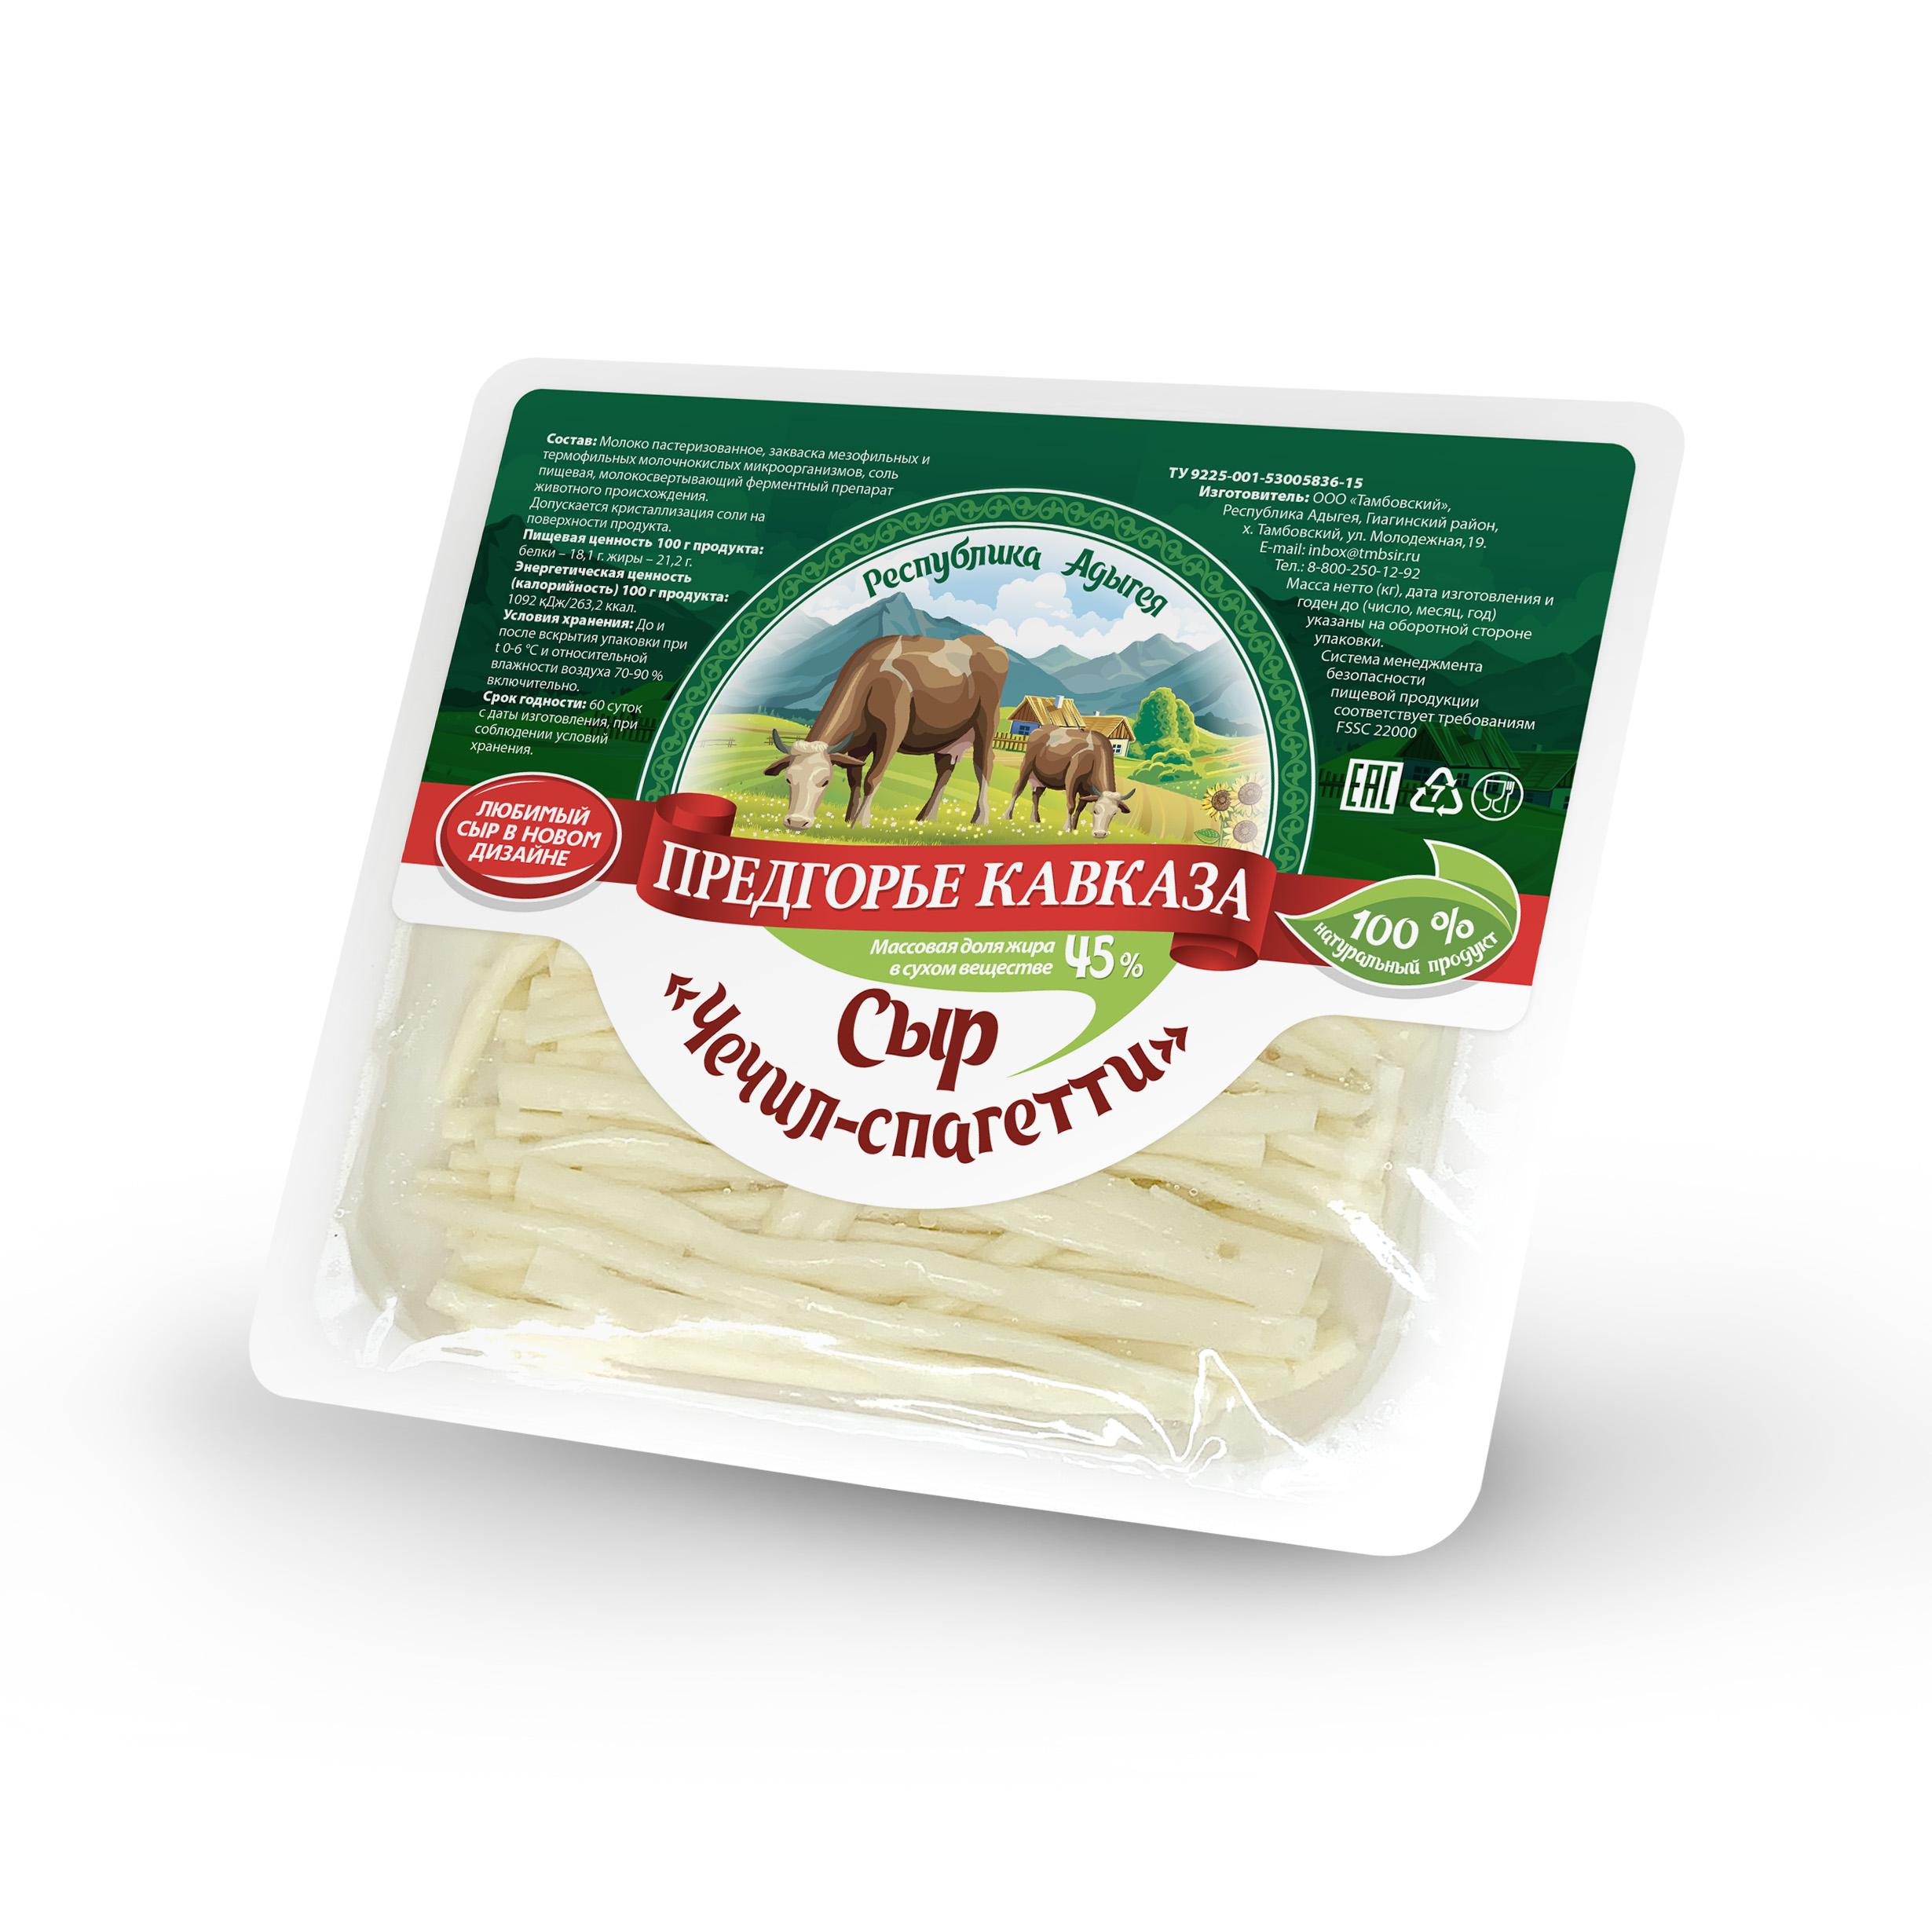 Предгорье кавказа Сыр Чечил-спагетти 45% Предгорье Кавказа